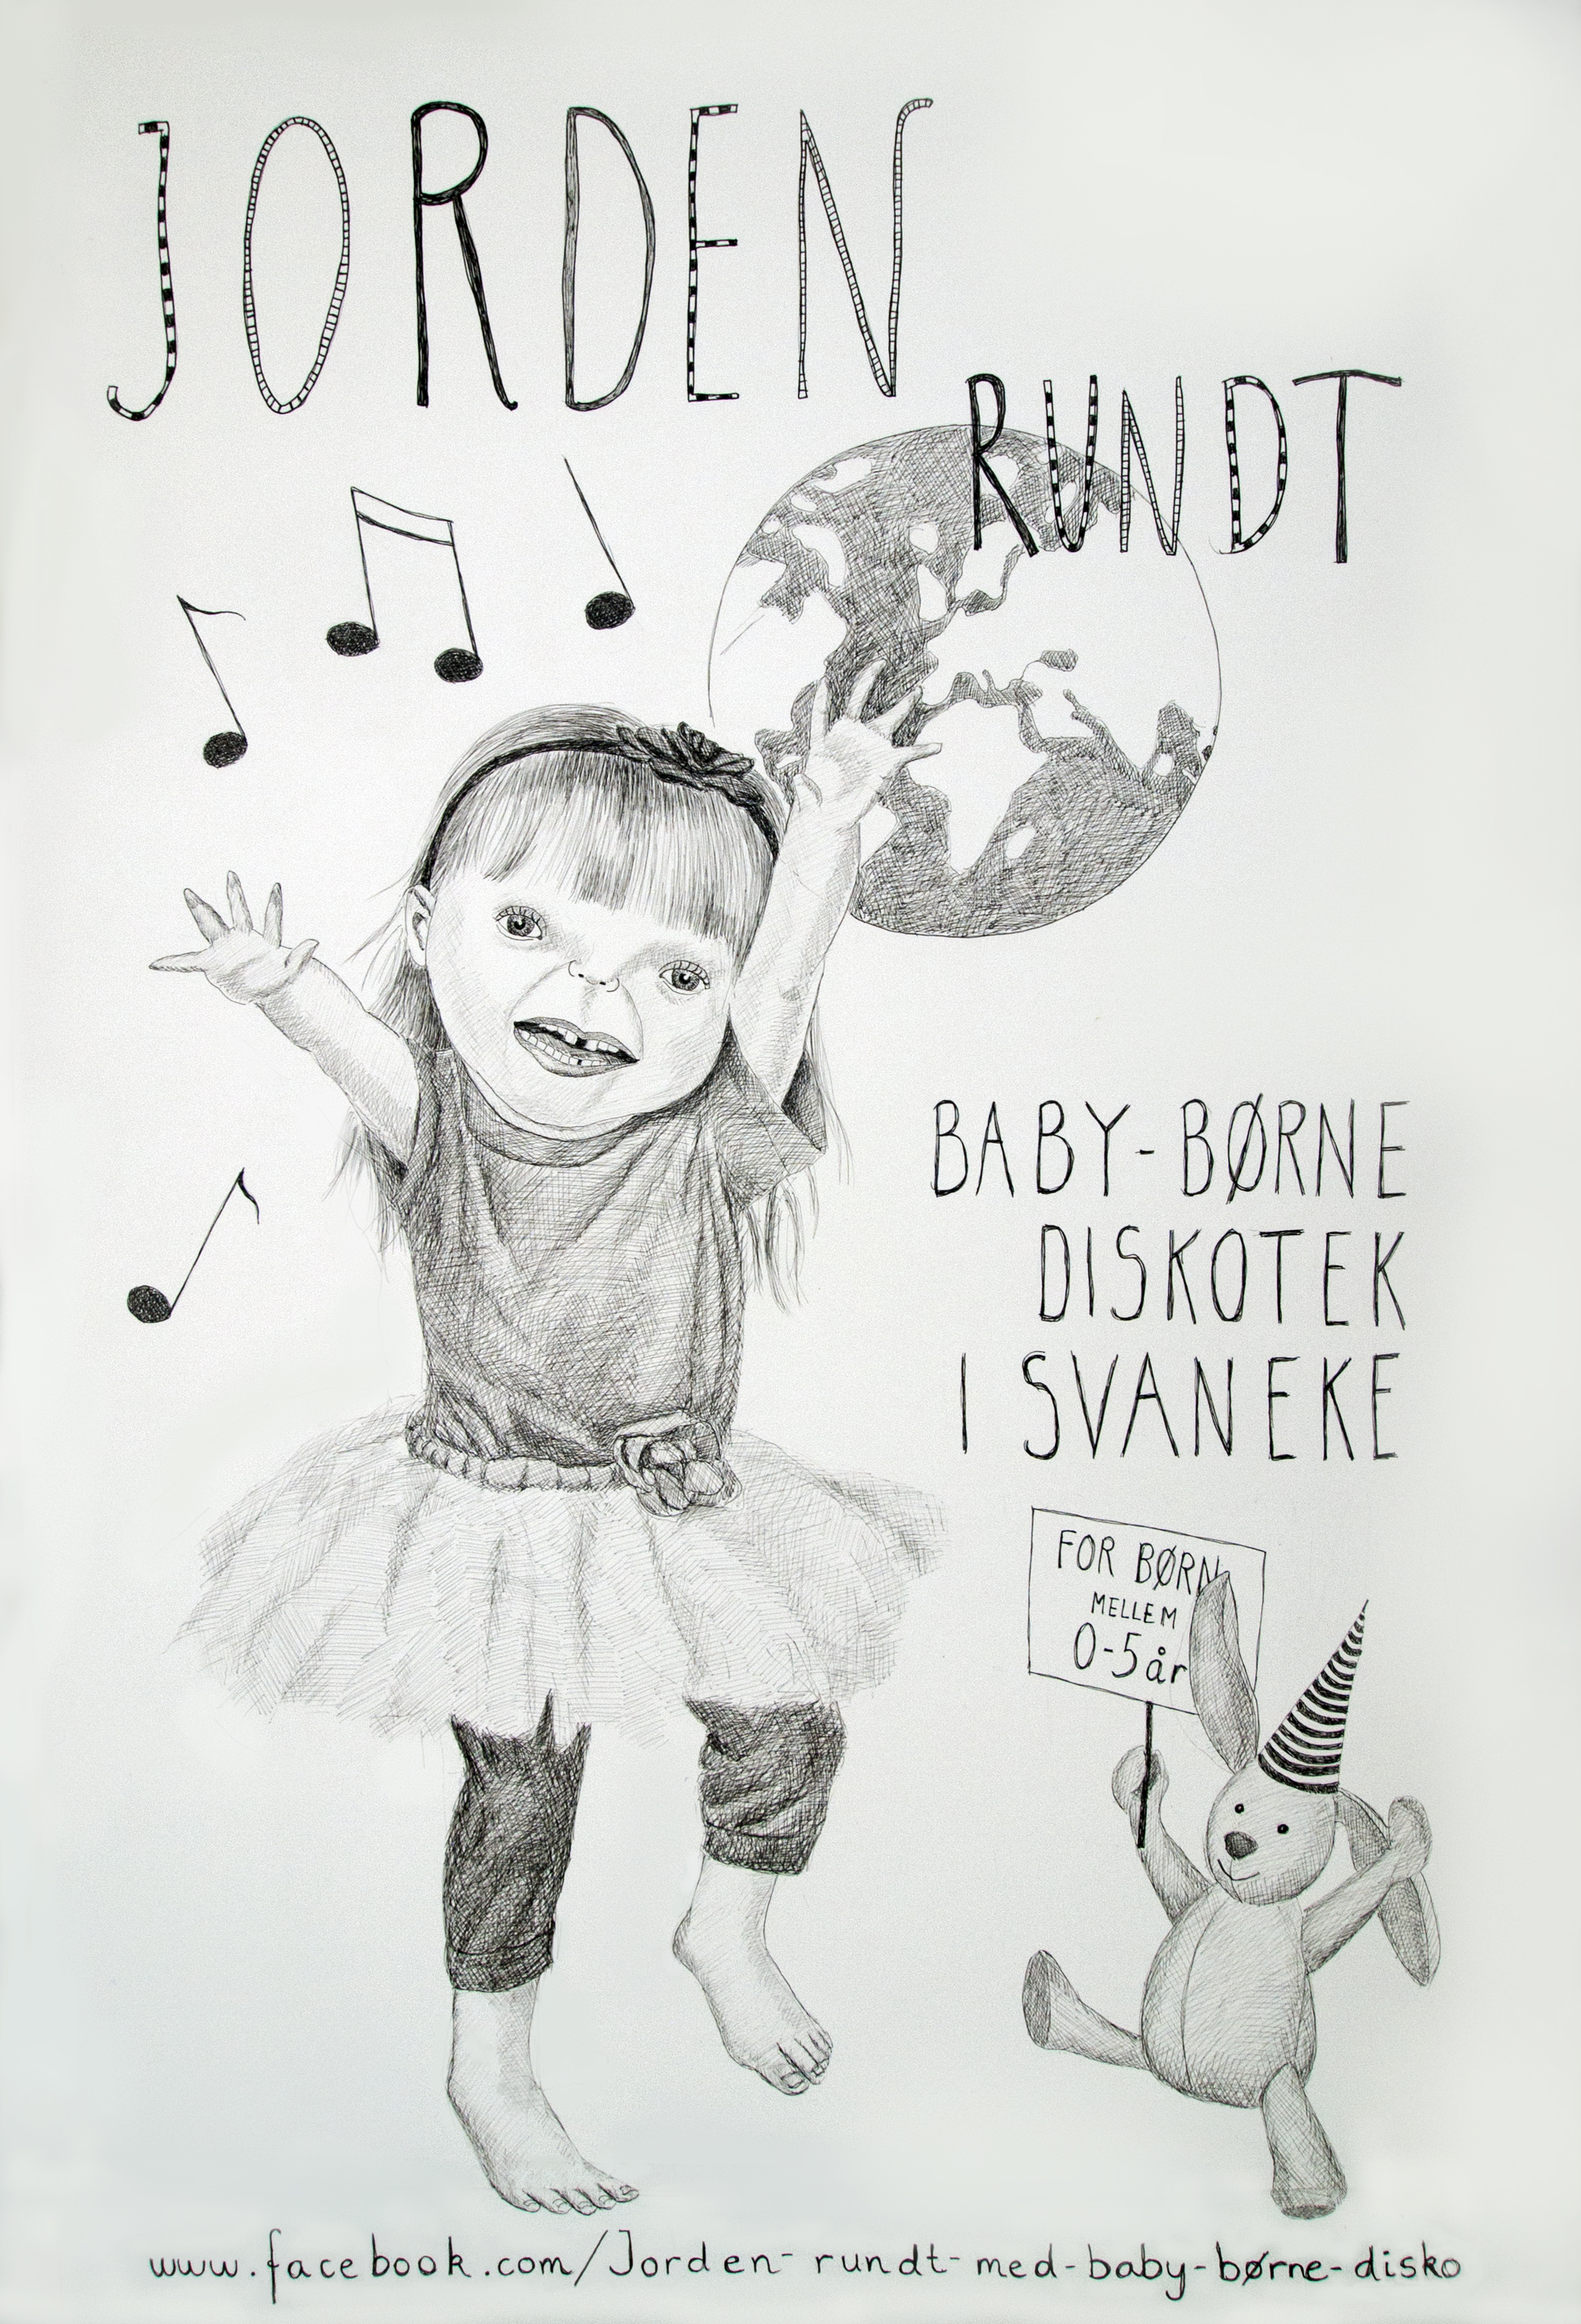 Baby_Børne_diskotek_plakat.jpg